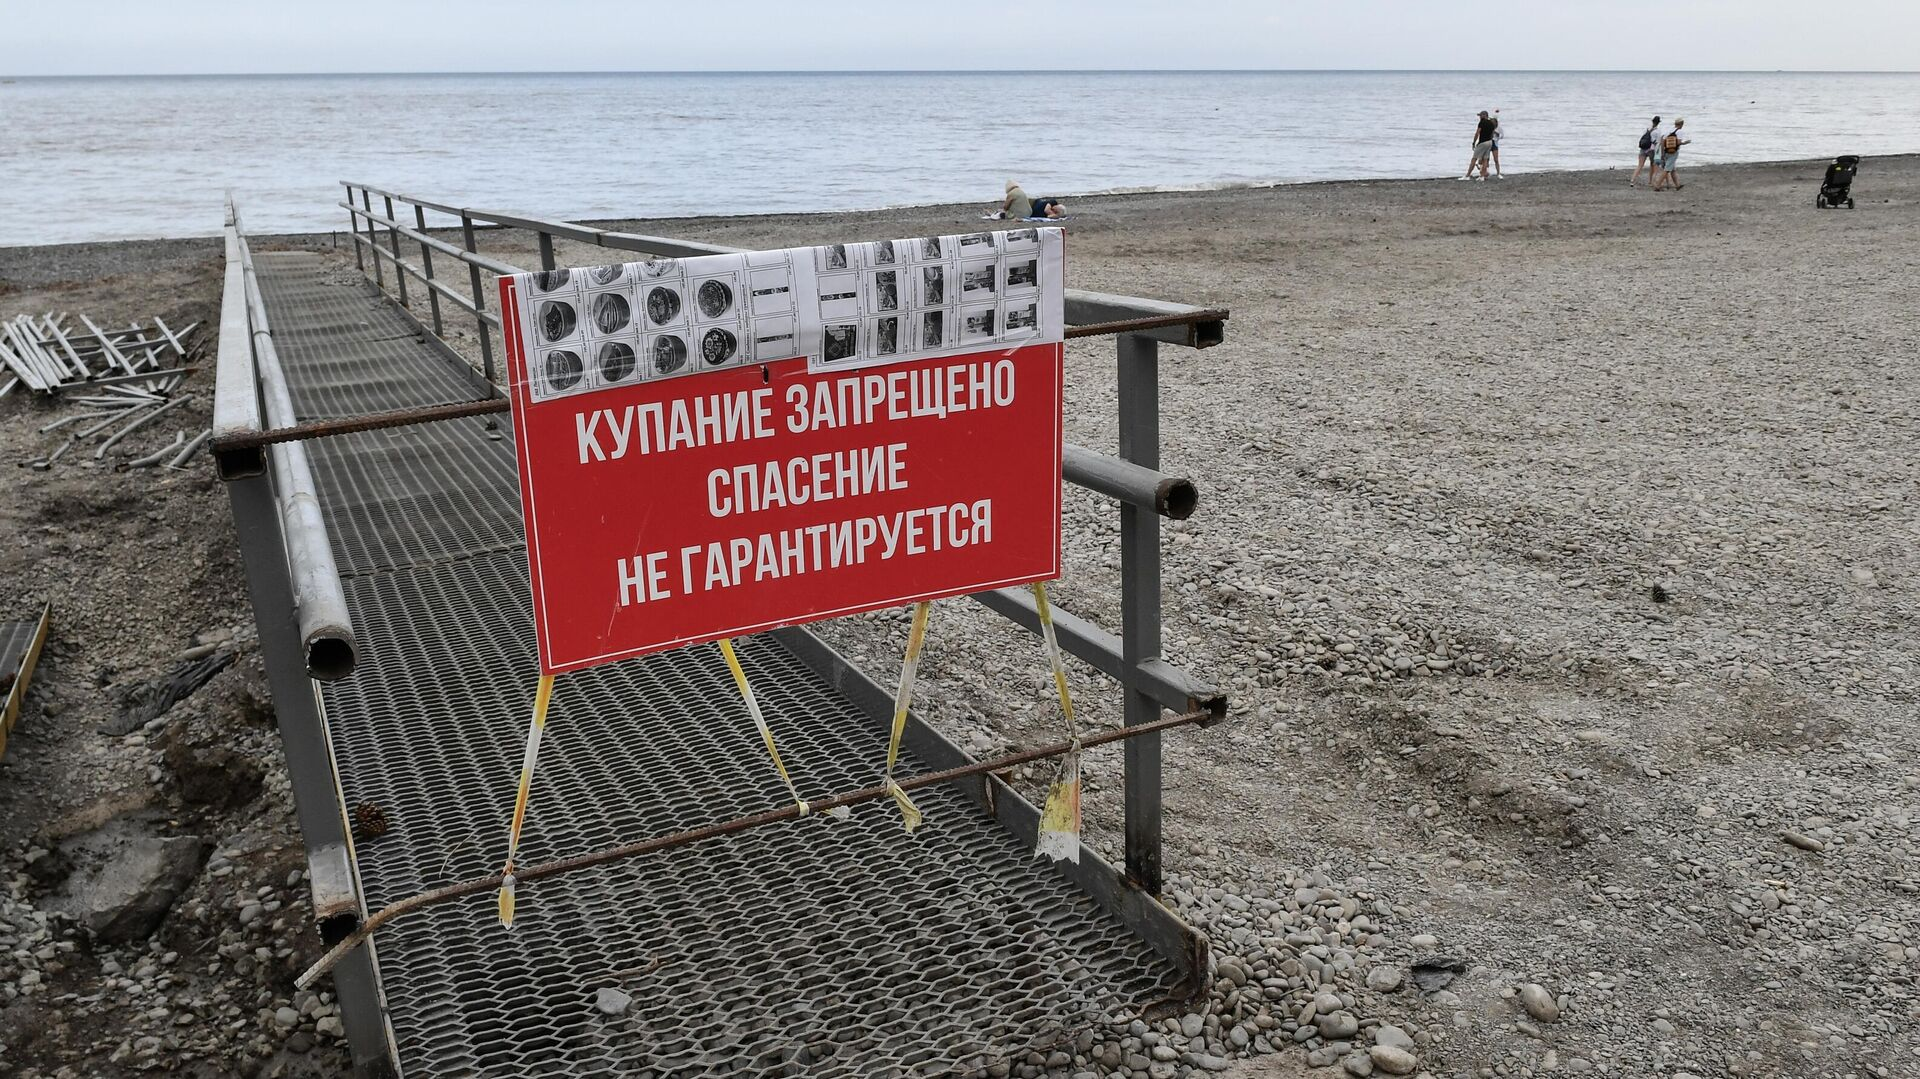 Знак Купание запрещено на городском пляже Ялты - РИА Новости, 1920, 24.06.2021